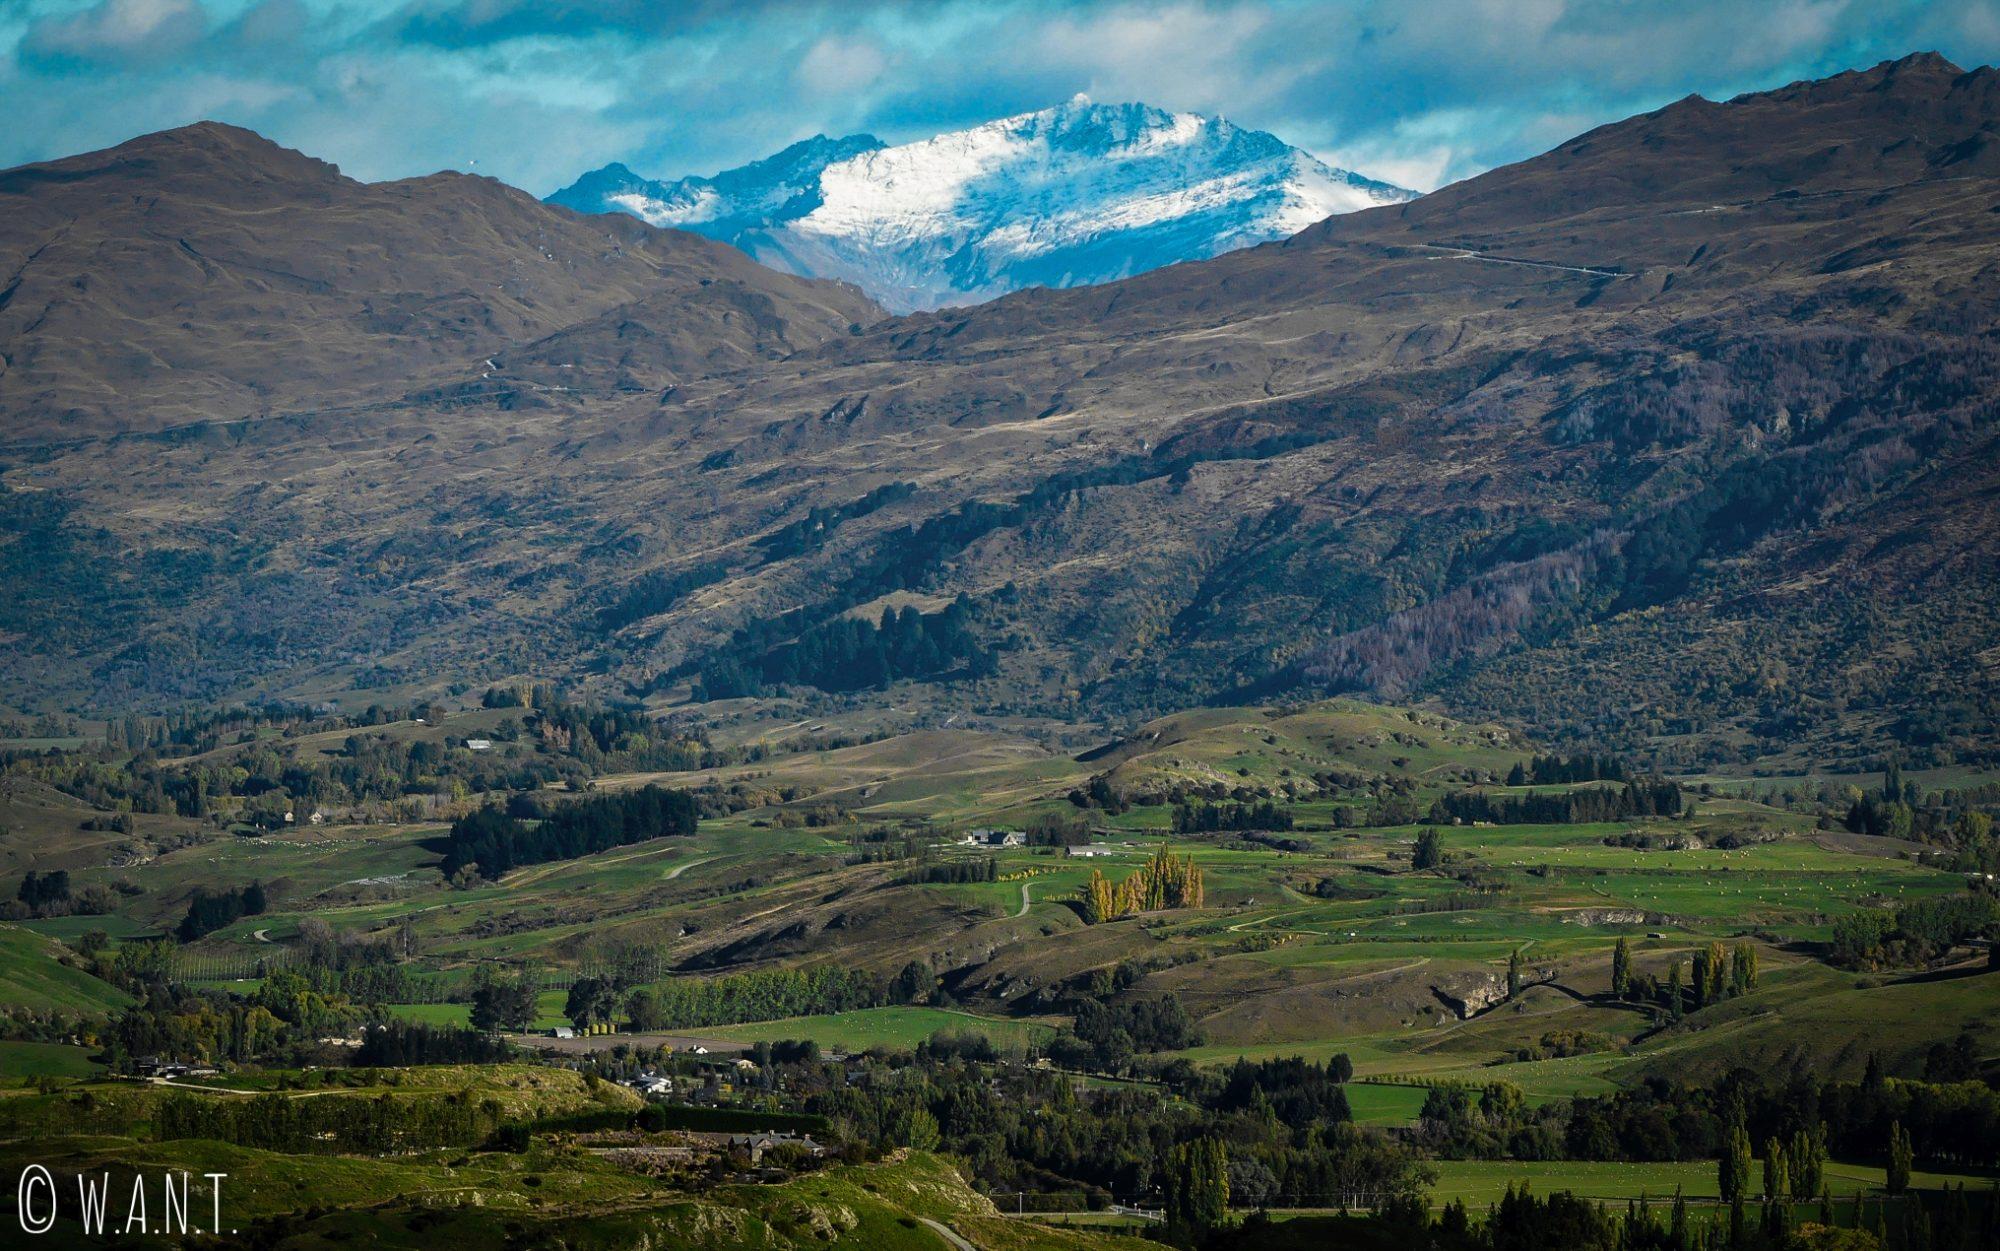 Vue sur la route entre Wanaka et Queenstown en Nouvelle-Zélande